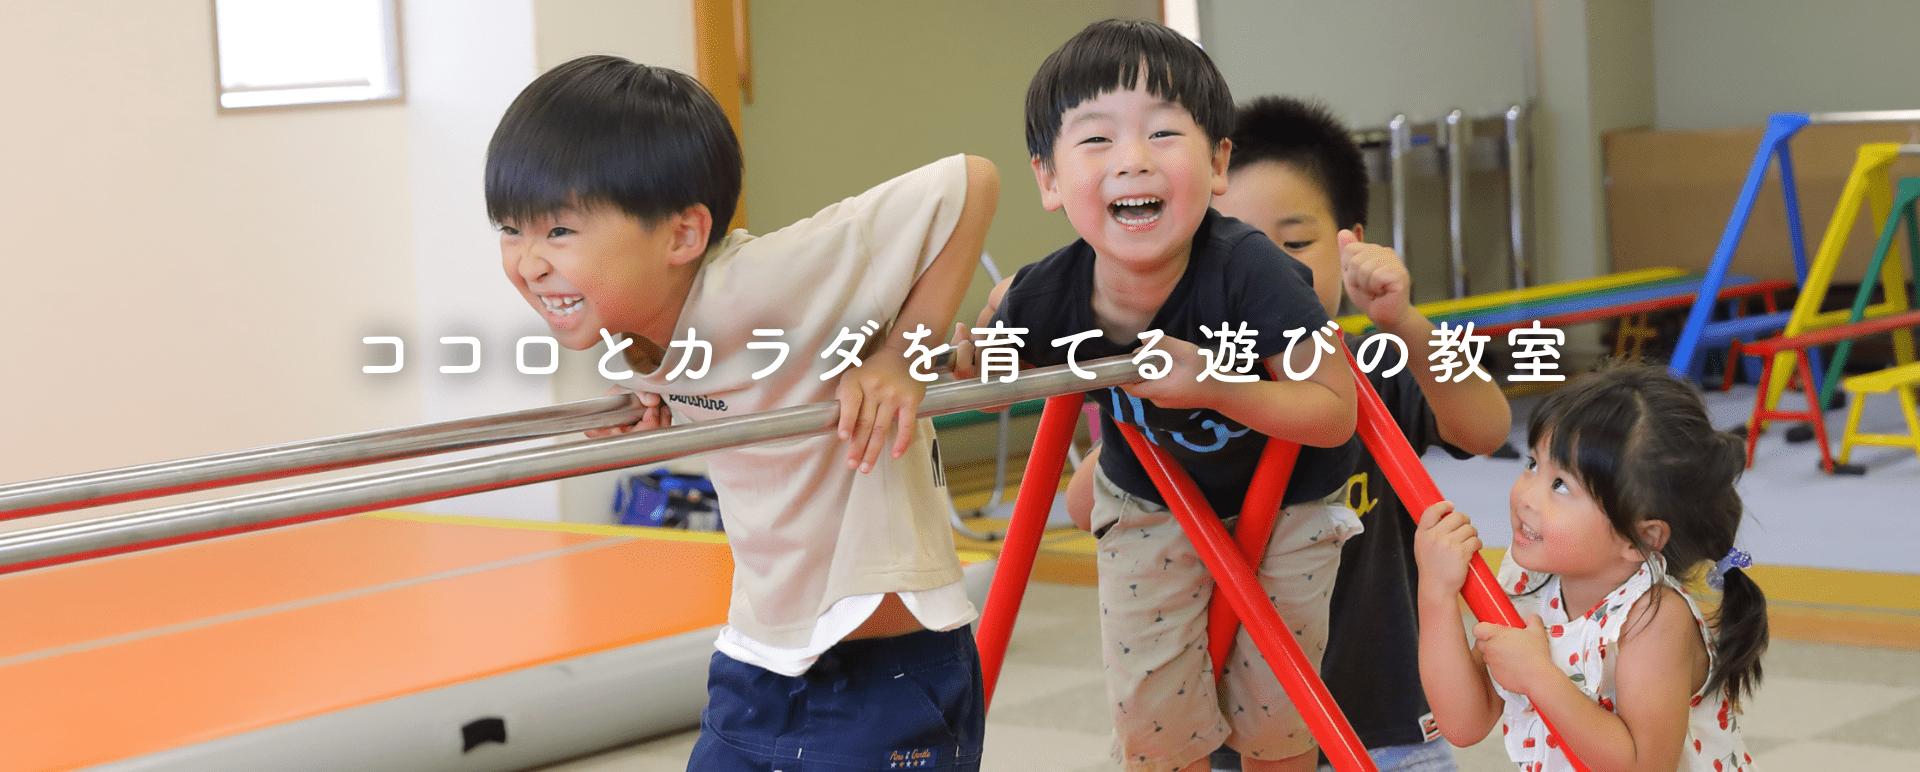 ココロとカラダを育てる遊びの教室